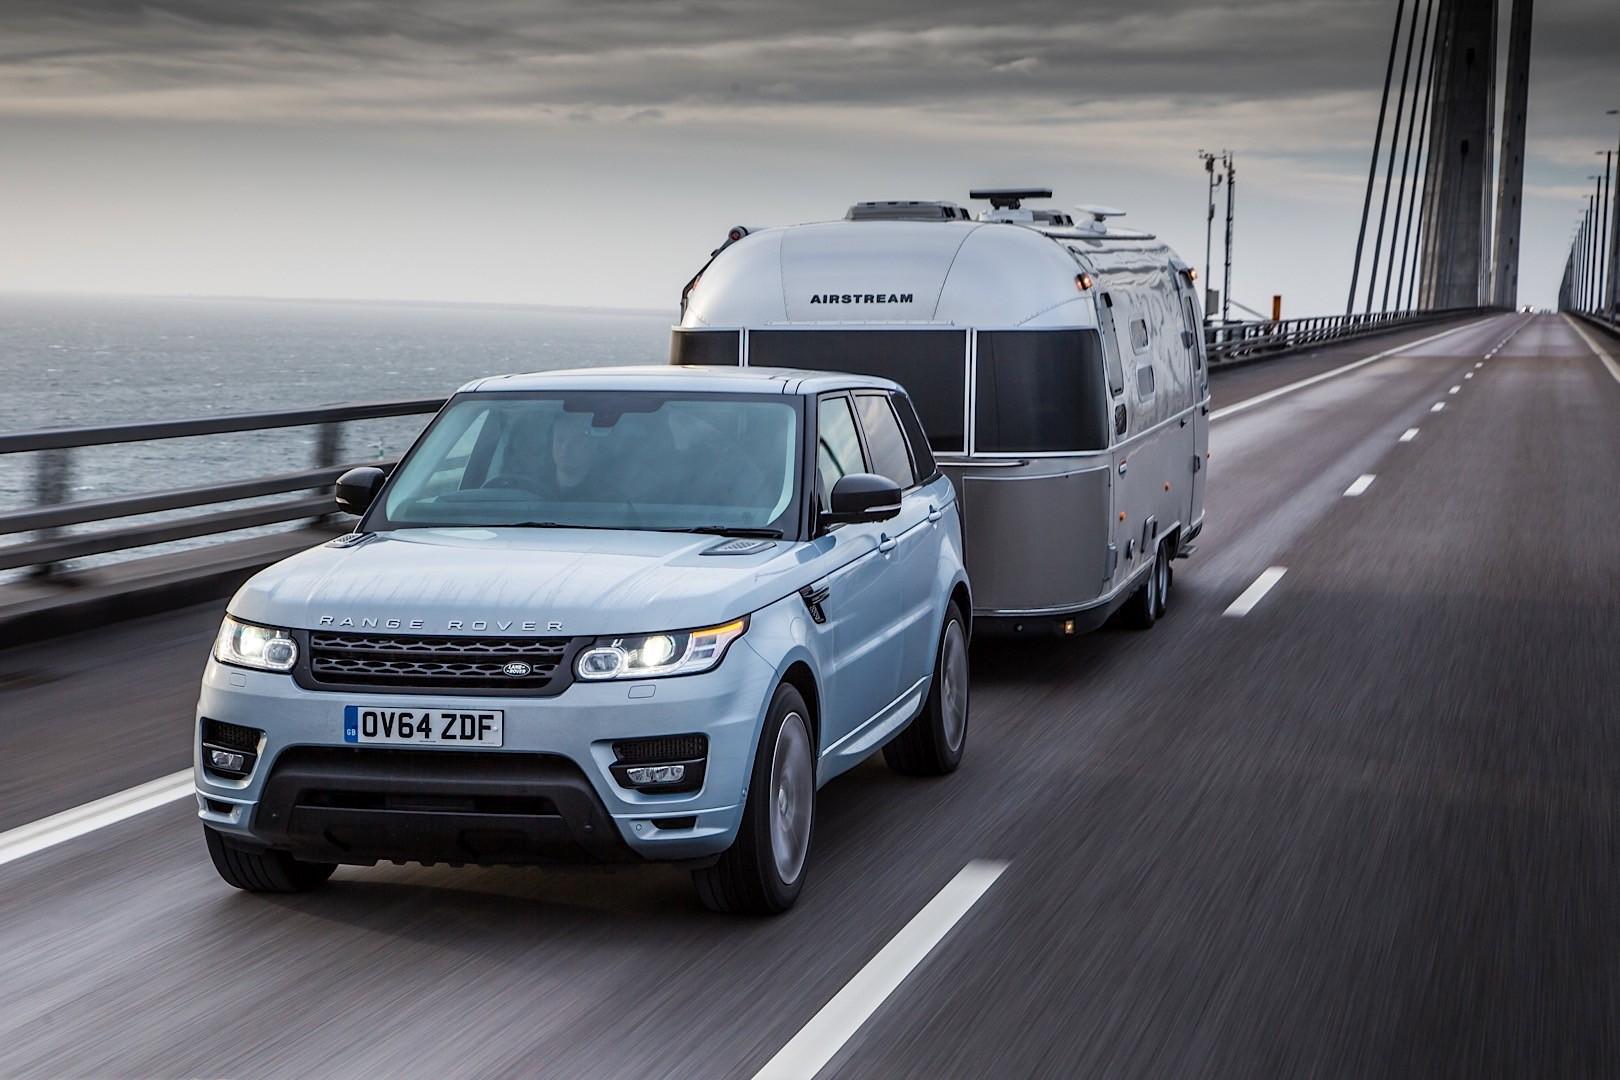 range rover hybrid avventura al circolo polare artico in condizioni estreme. Black Bedroom Furniture Sets. Home Design Ideas